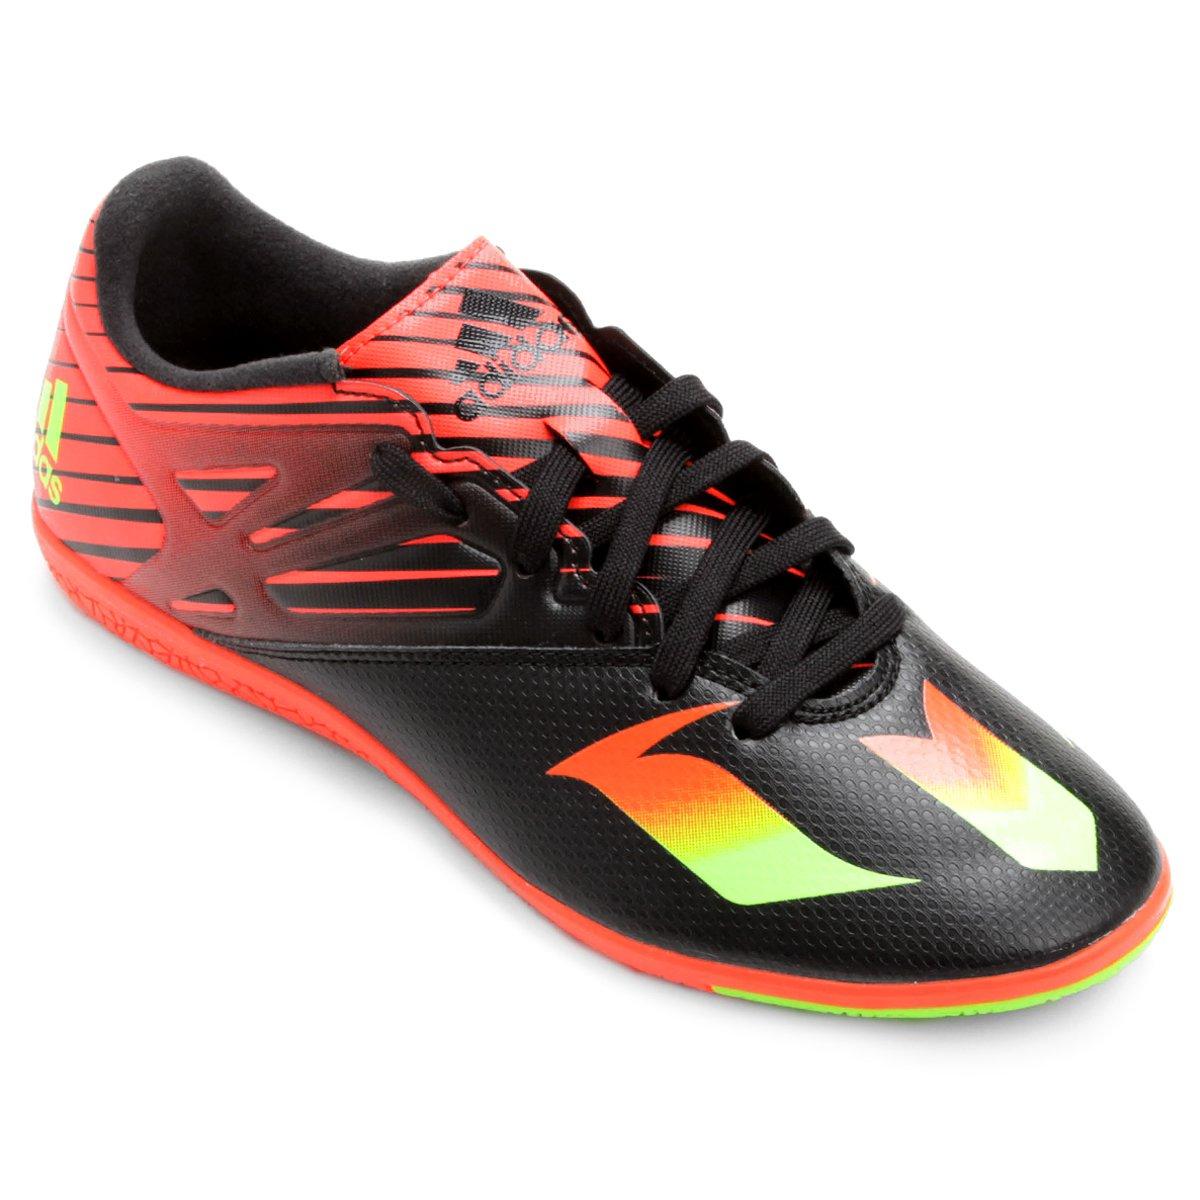 Chuteira Futsal Adidas Messi 15.3 IN - Compre Agora  bbeab950e5514